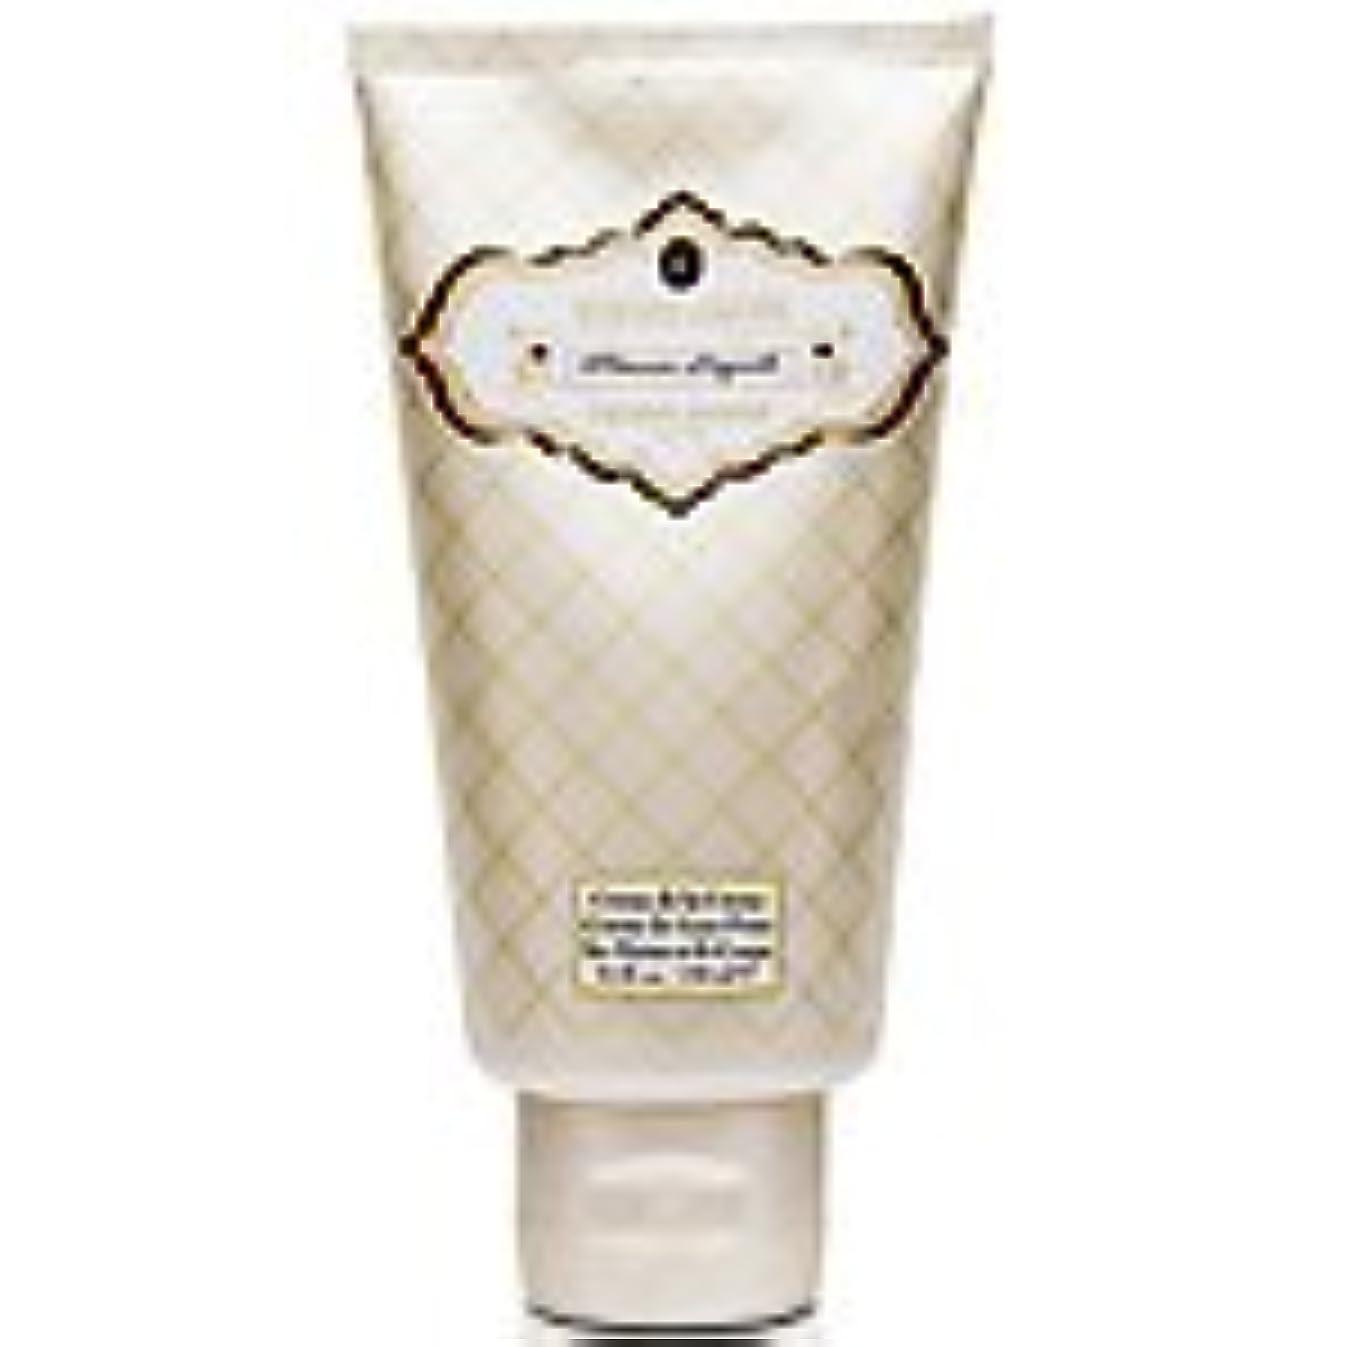 教室失礼な合計Memoire Liquide Reserve - Fleur Liquide (メモワールリキッドリザーブ - フルーアーリキッド) 5.1 oz (153ml) Body Cream for Unisex